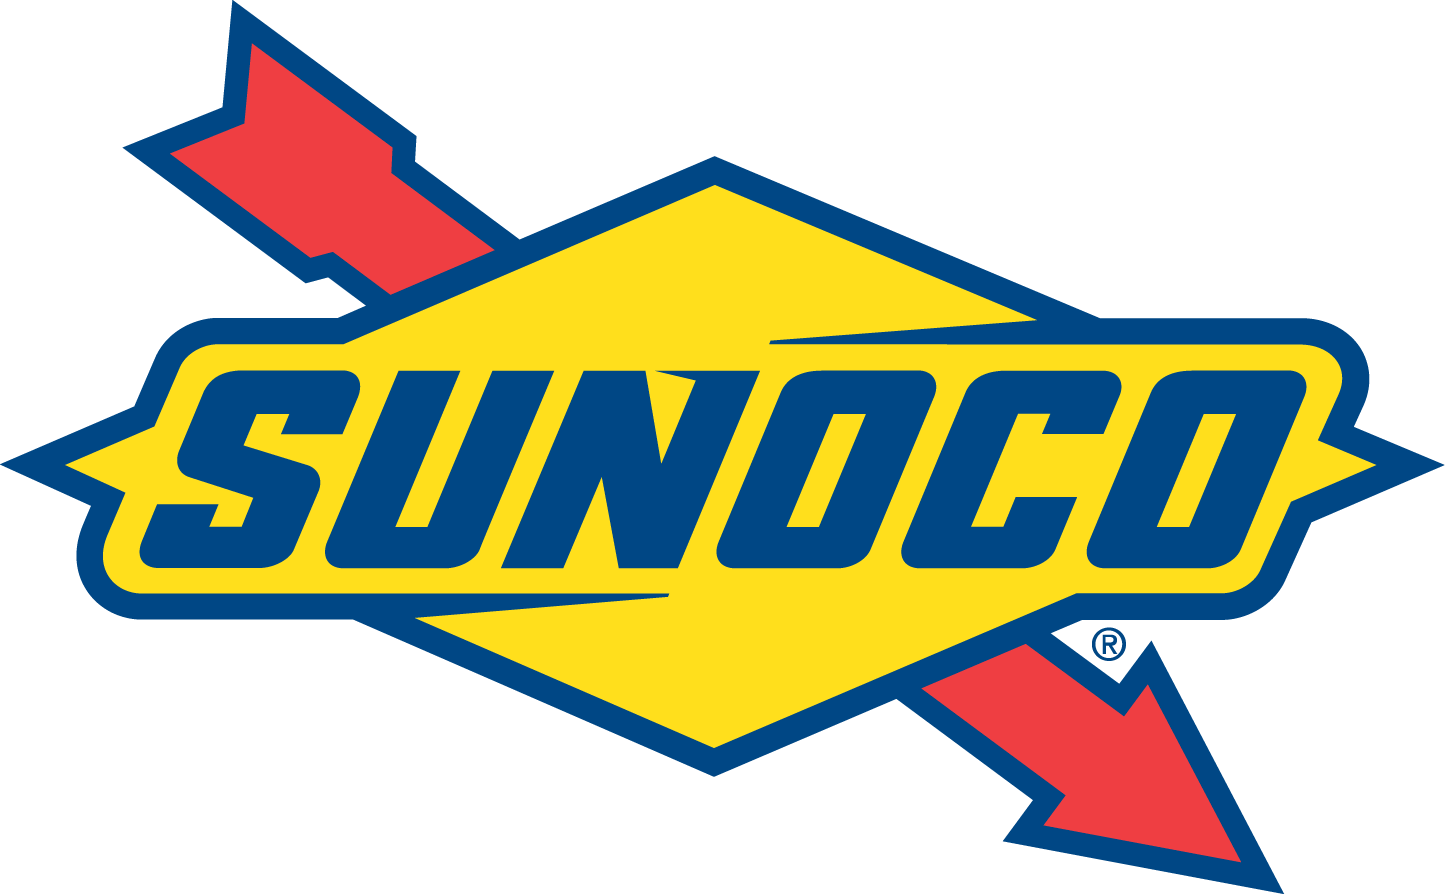 Transportation Company - Sunoco - Energy